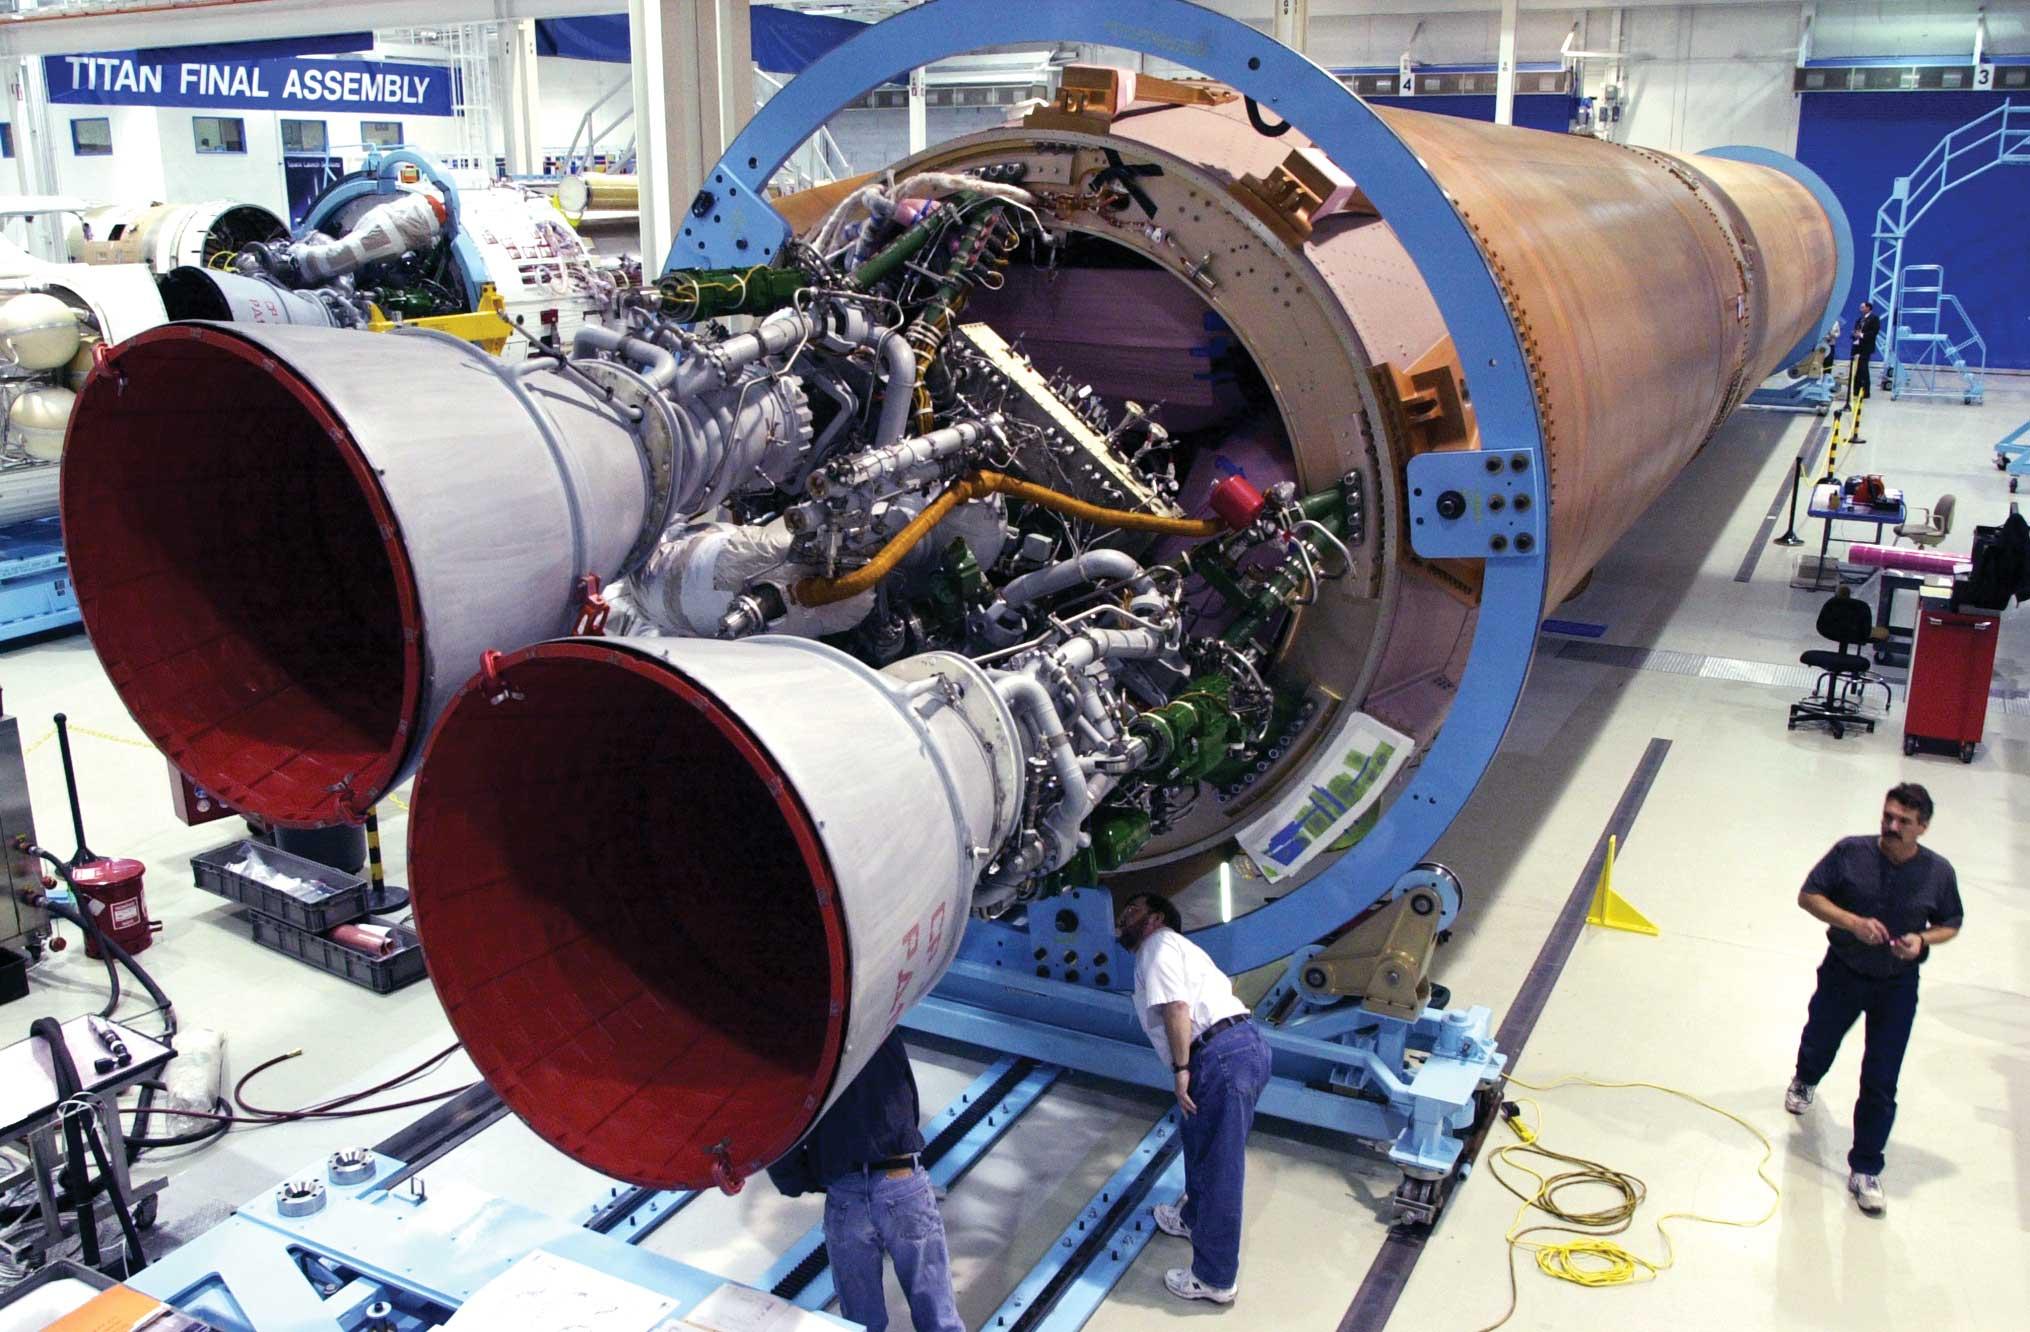 El motor ruso RD-180 ha impulsado decenas de lanzamientos Atlas V, algunos satélites que llevan espías diseñados, entre otros países, en el que se construyó.